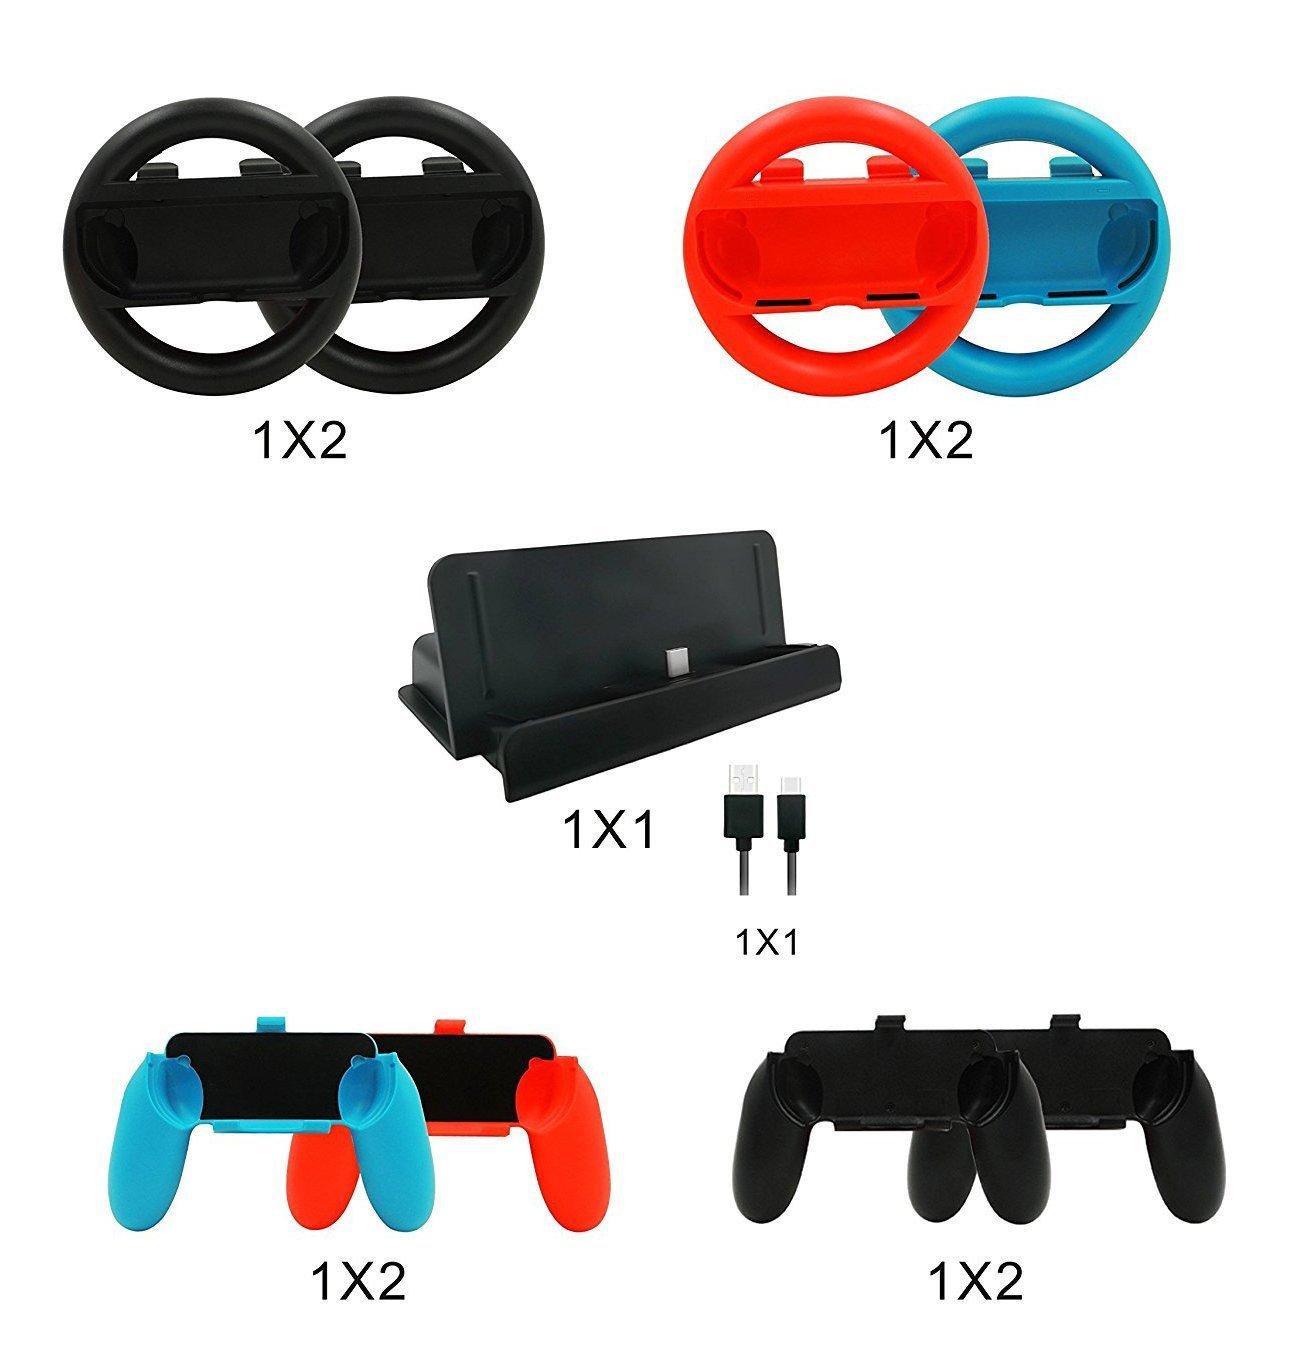 KEESIN 10 en 1 Nintendo Switch Juegos de kits de accesorios, 4x Joy Con Grips Handle